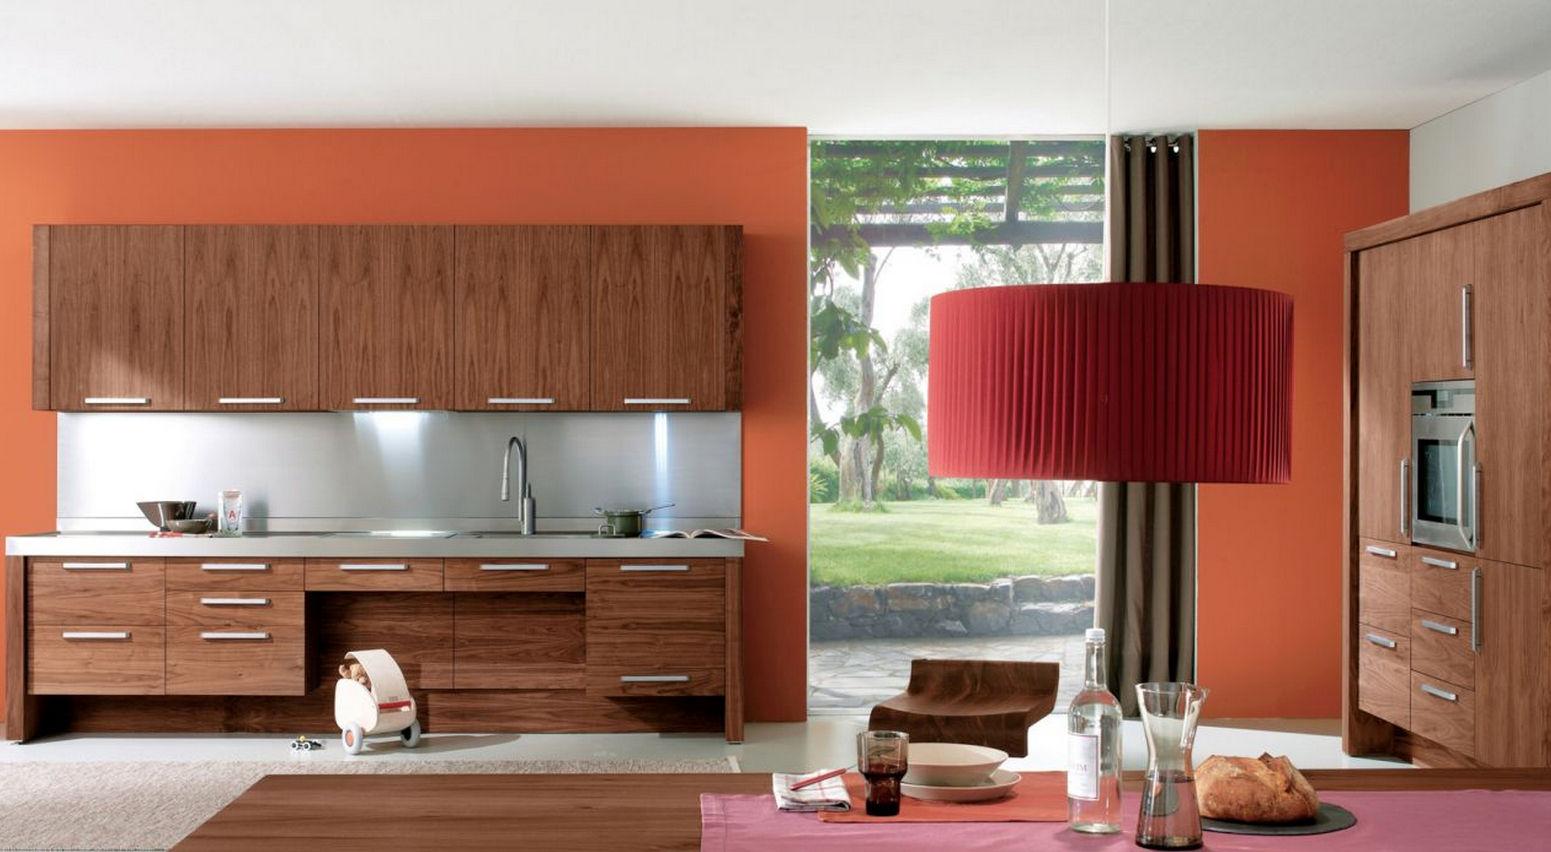 Dise os de pintura para cocina casa dise o for Diseno de cocina para exteriores